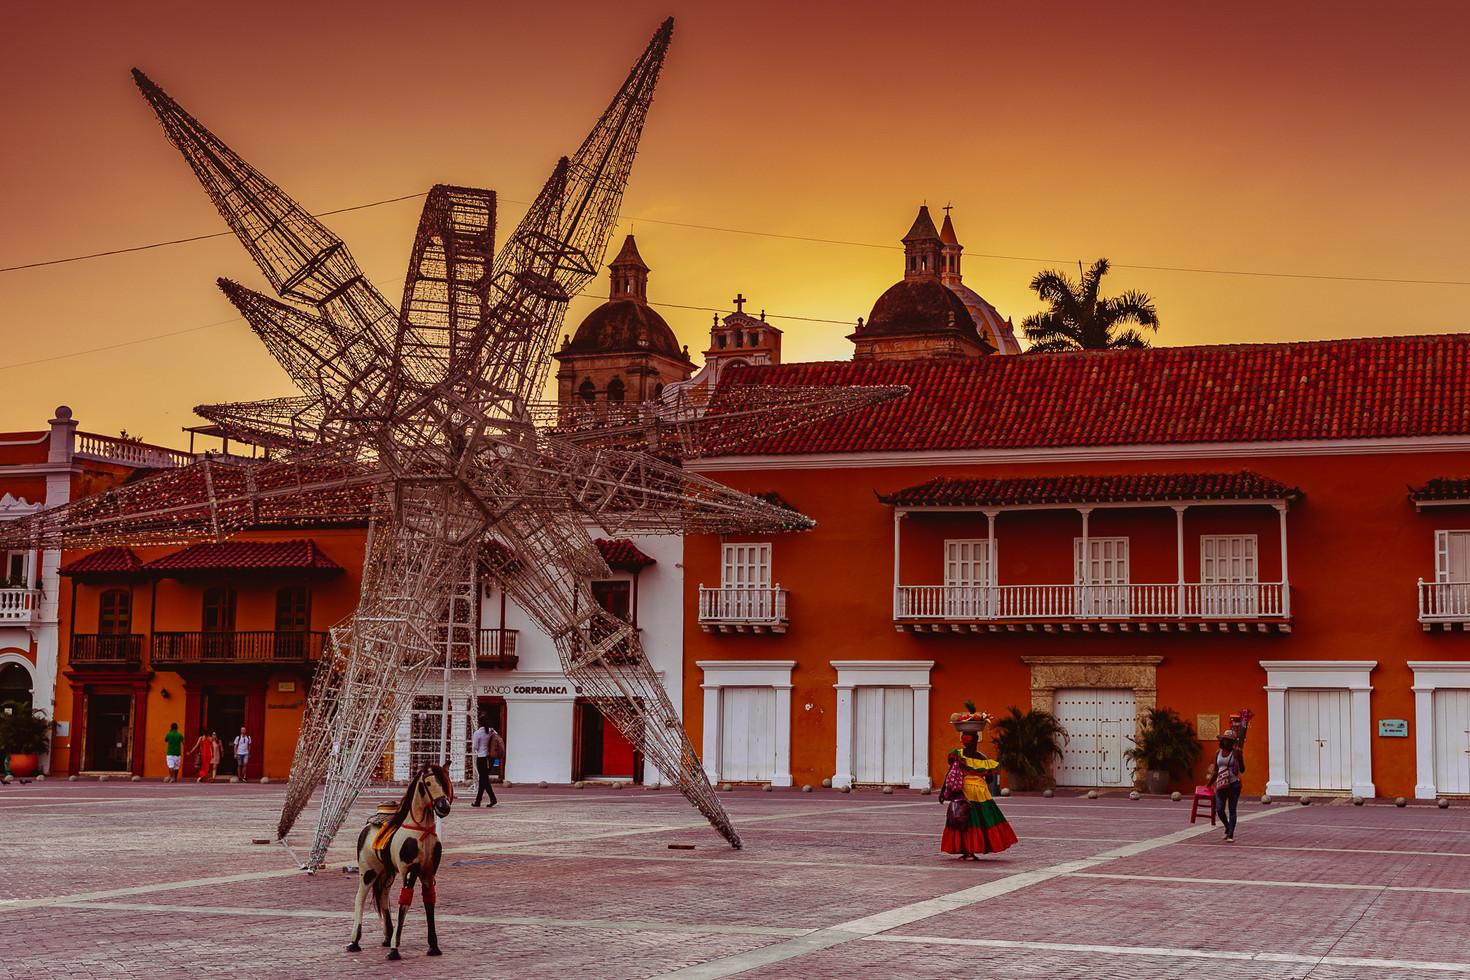 TKPA-Cartagena201712-0088-HDWH.jpg